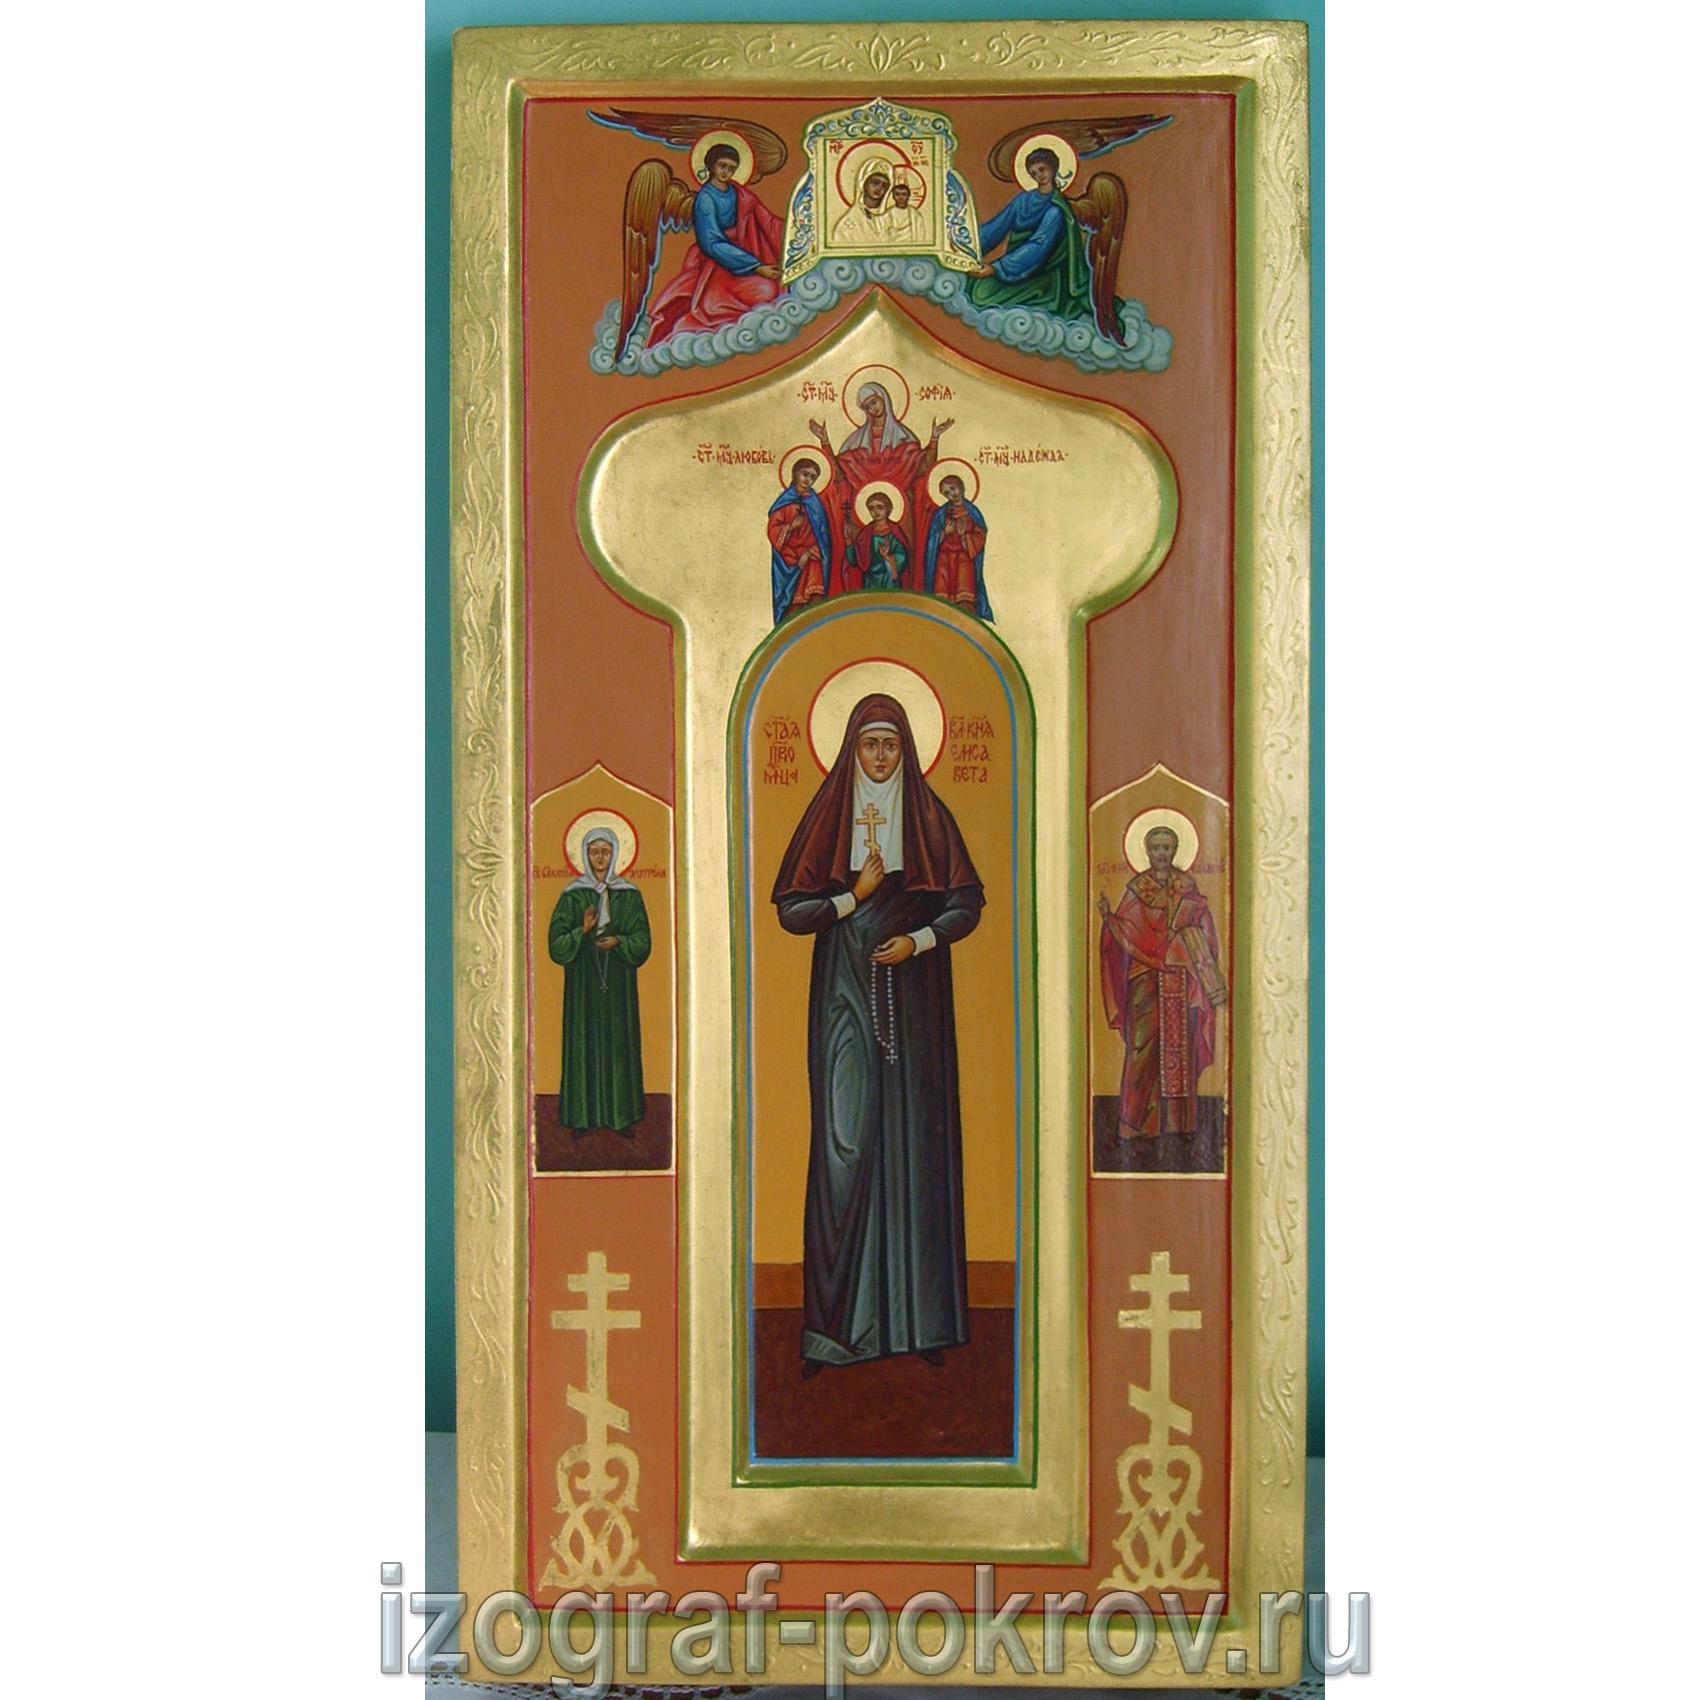 Мерная икона рукописная Елизавета Алапаевская (Елисавета)